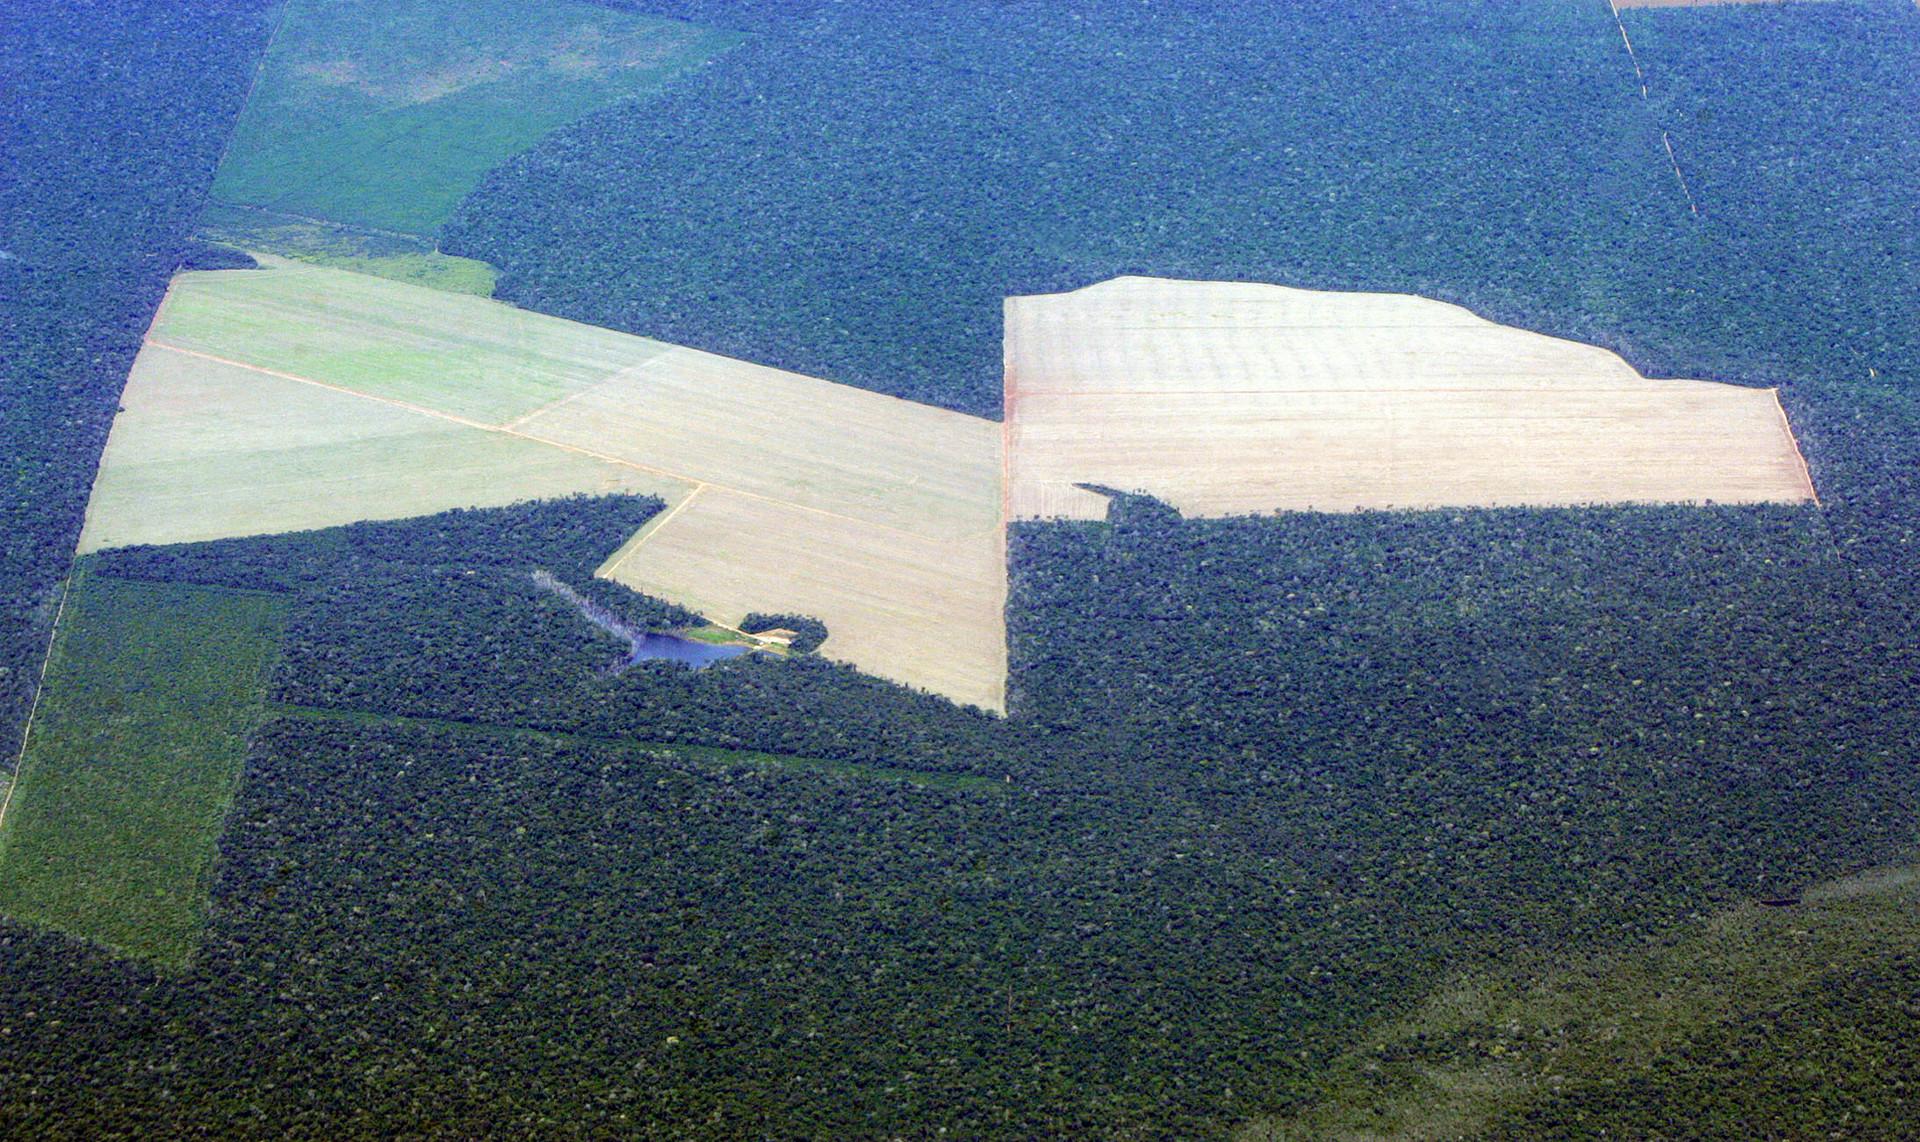 5d66cdd608f3d993248b4612 - ¿Por qué se quema la Amazonia?